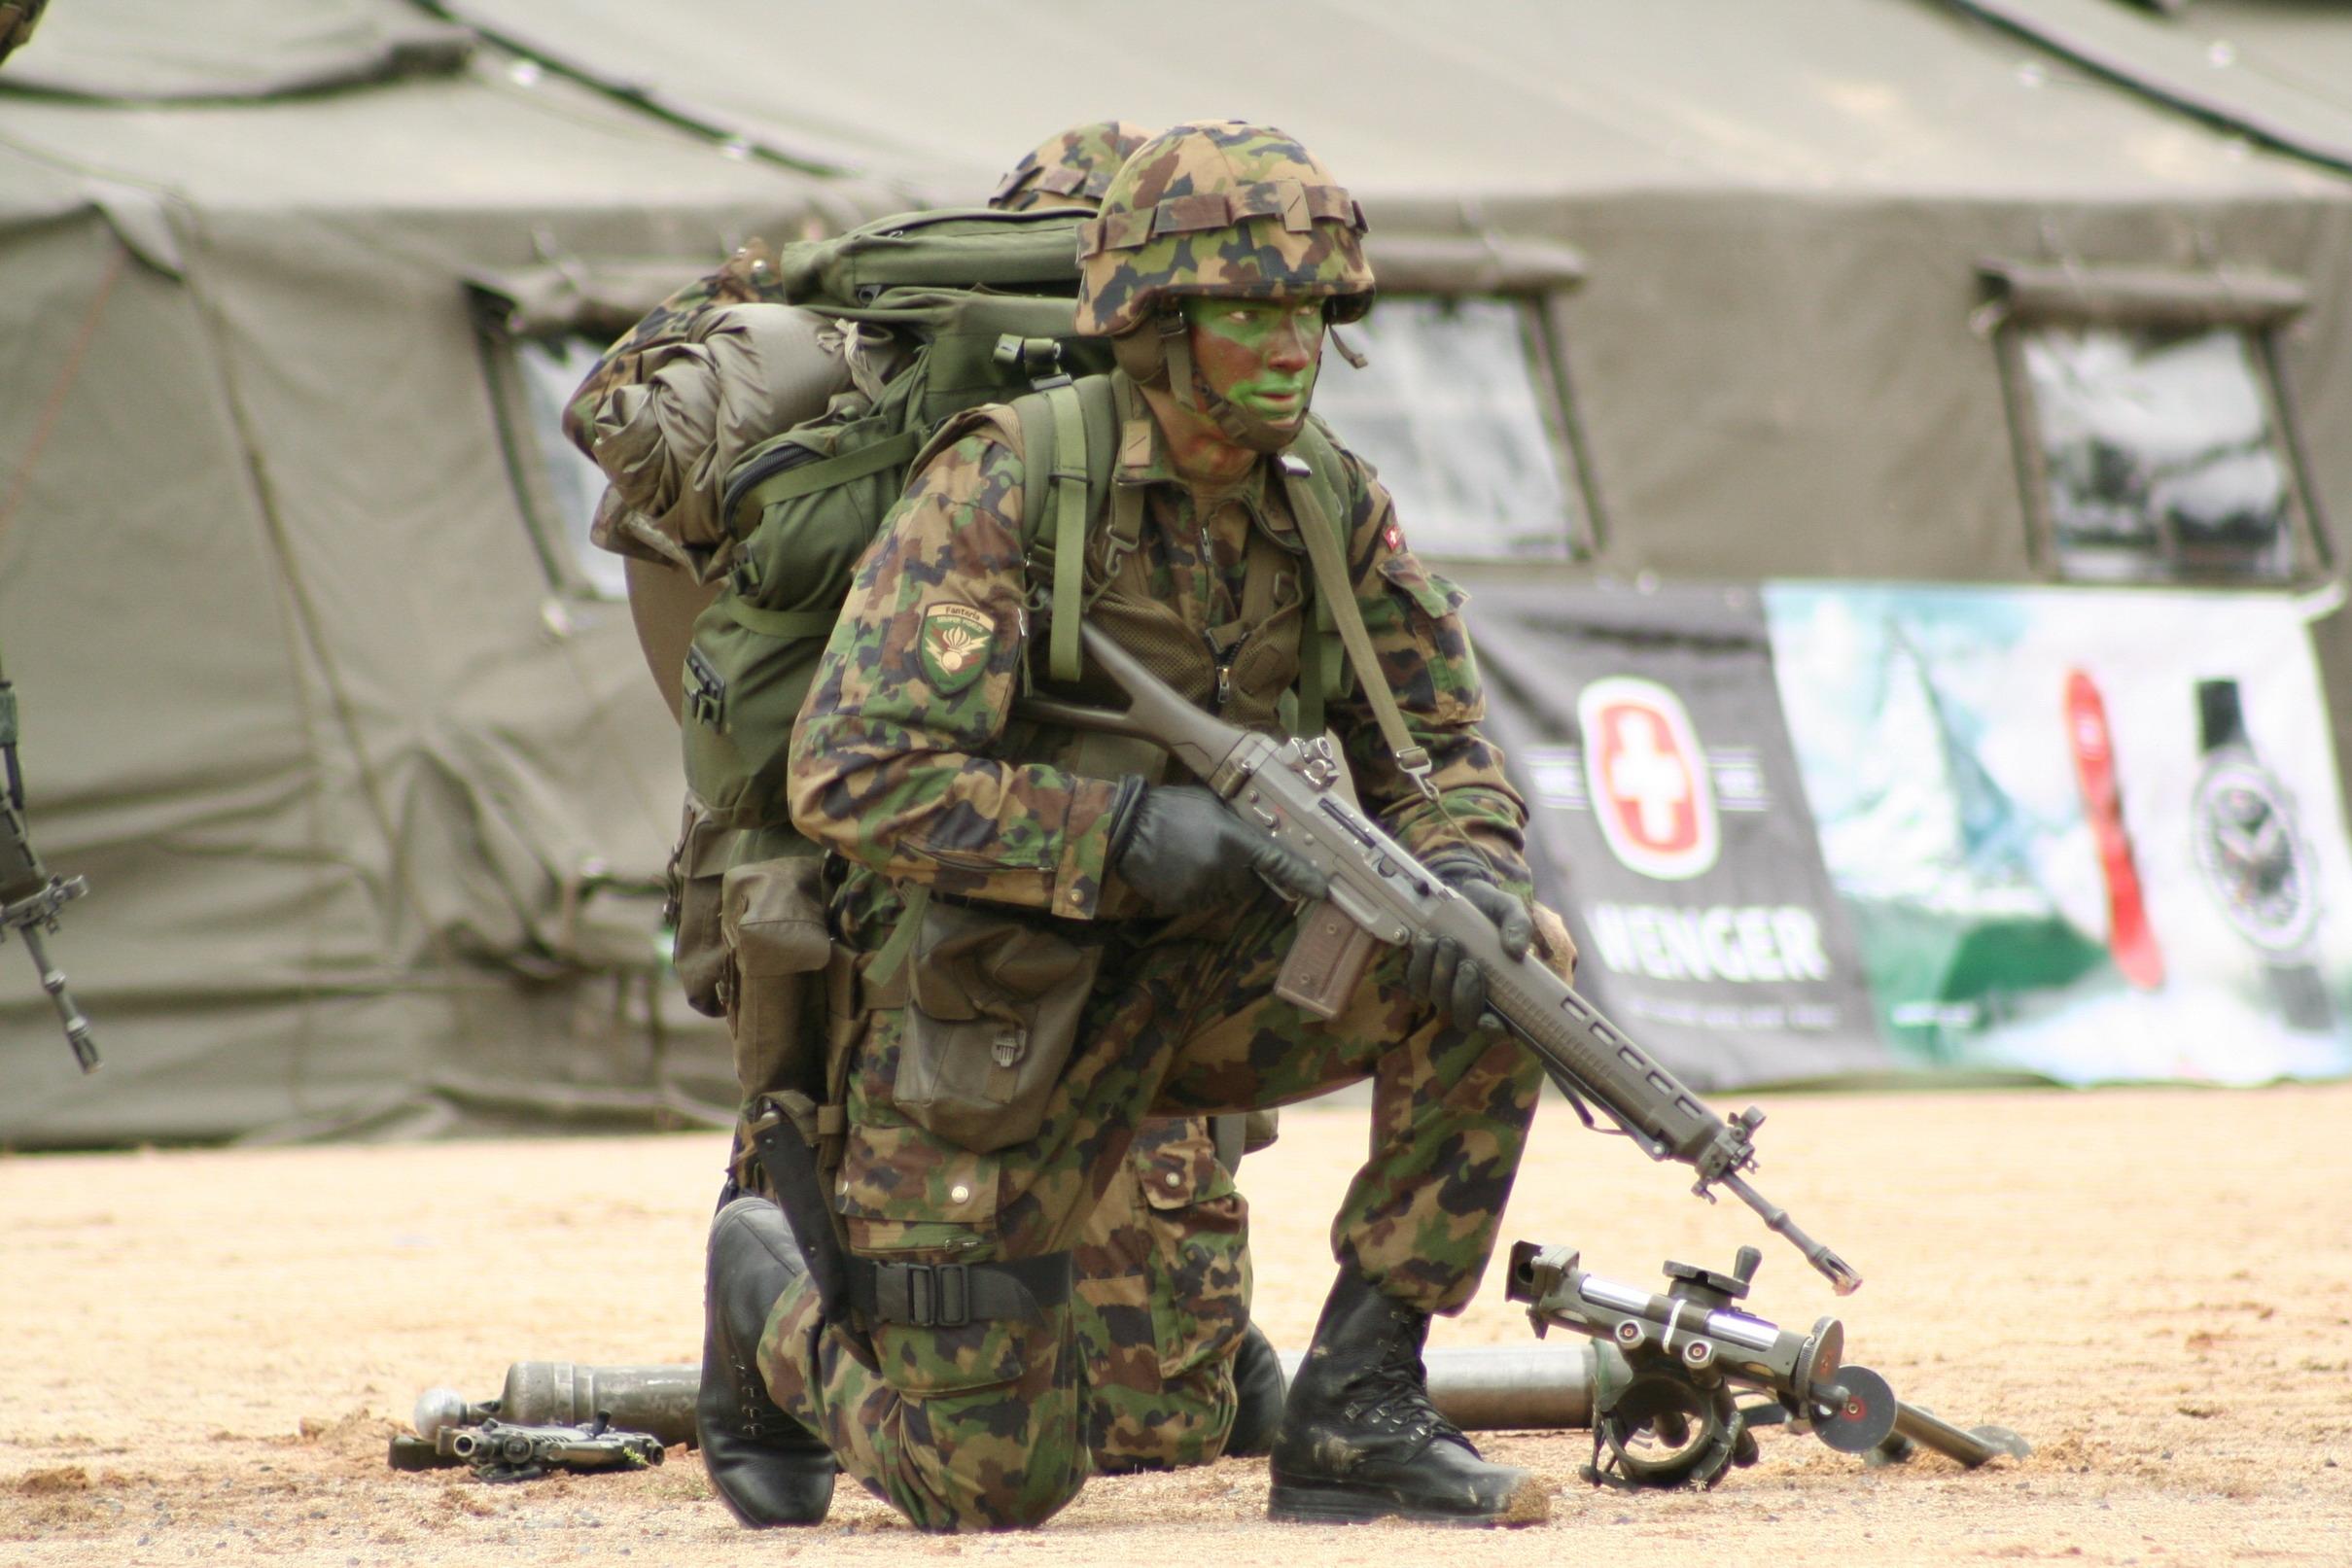 Buty wojskowe dla szwajcarskiej armii